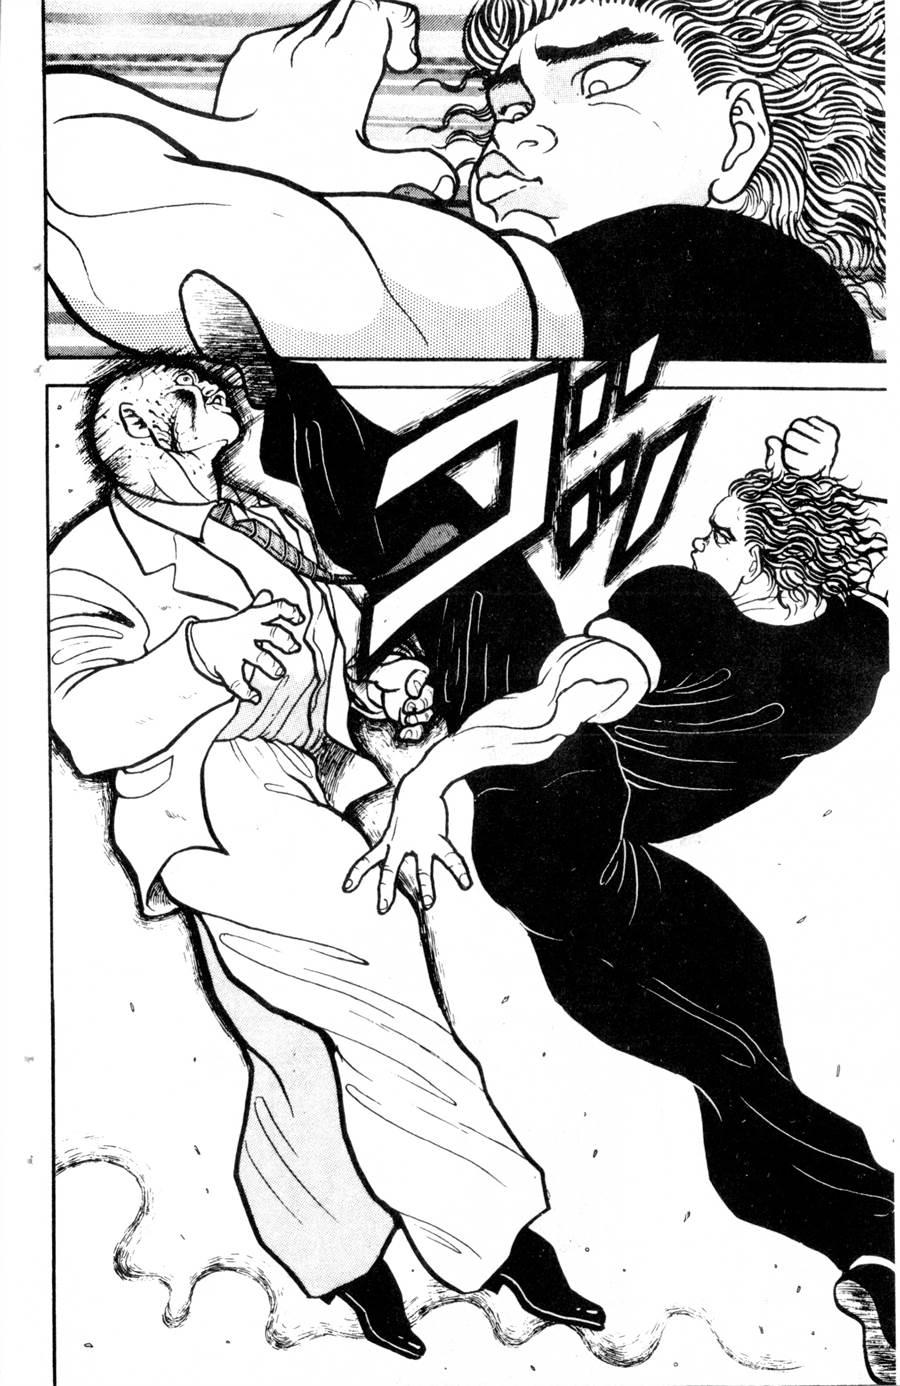 【漫畫】刃牙 第六卷 2 - AcFun彈幕視頻網 - 認真你就輸啦 (・ω・)ノ- ( ゜- ゜)つロ